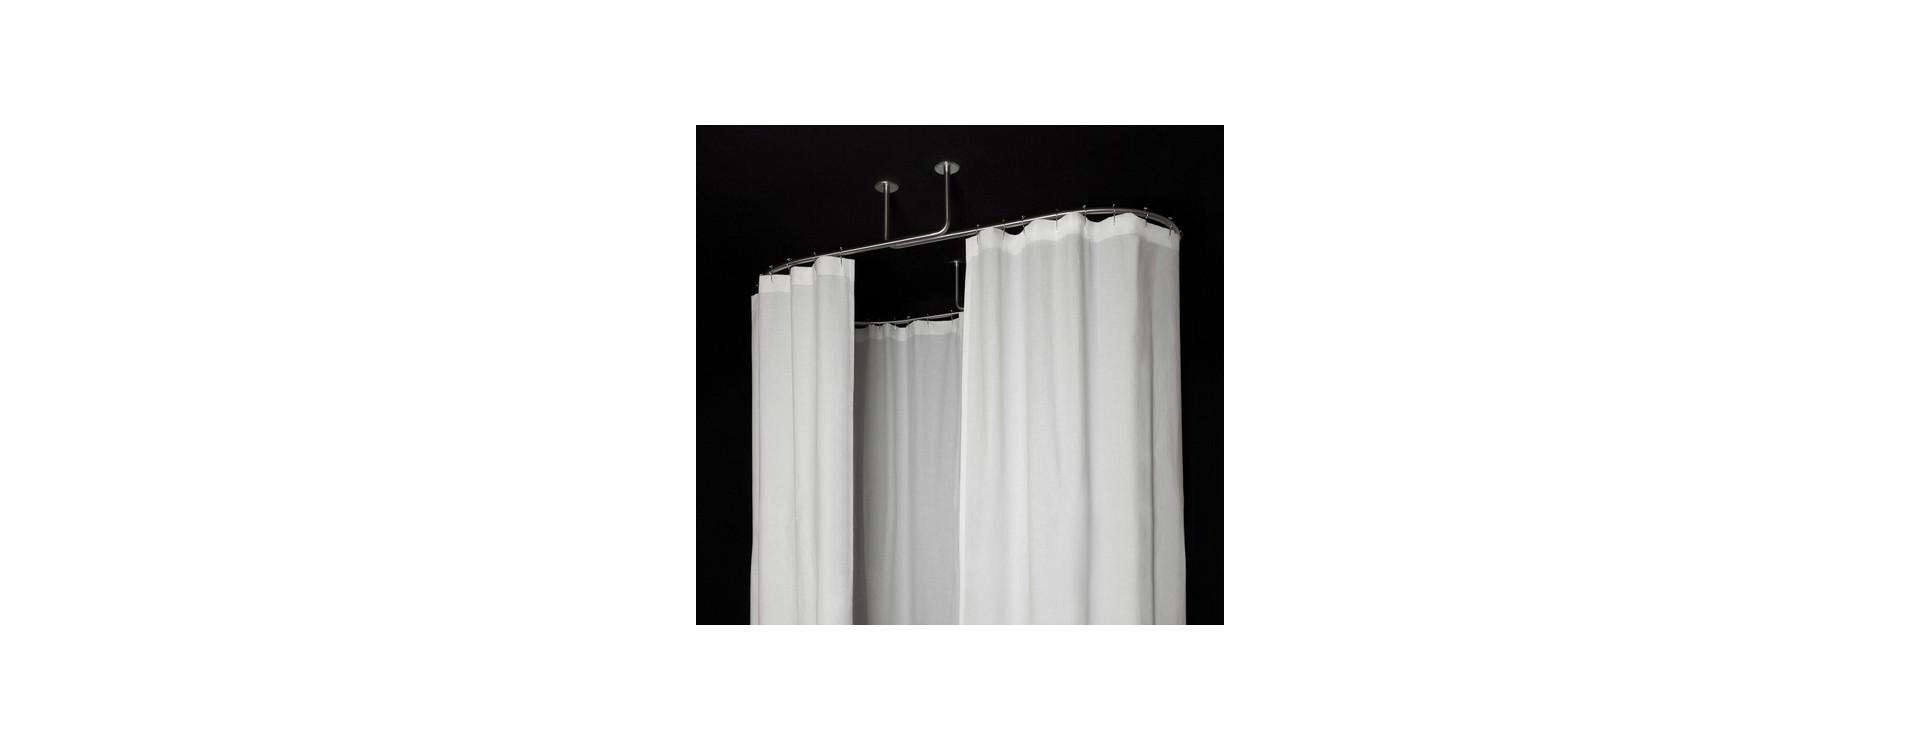 Nouveauté GaboBain 2012: La tringle ovale pour rideau de douche en fixation au plafond